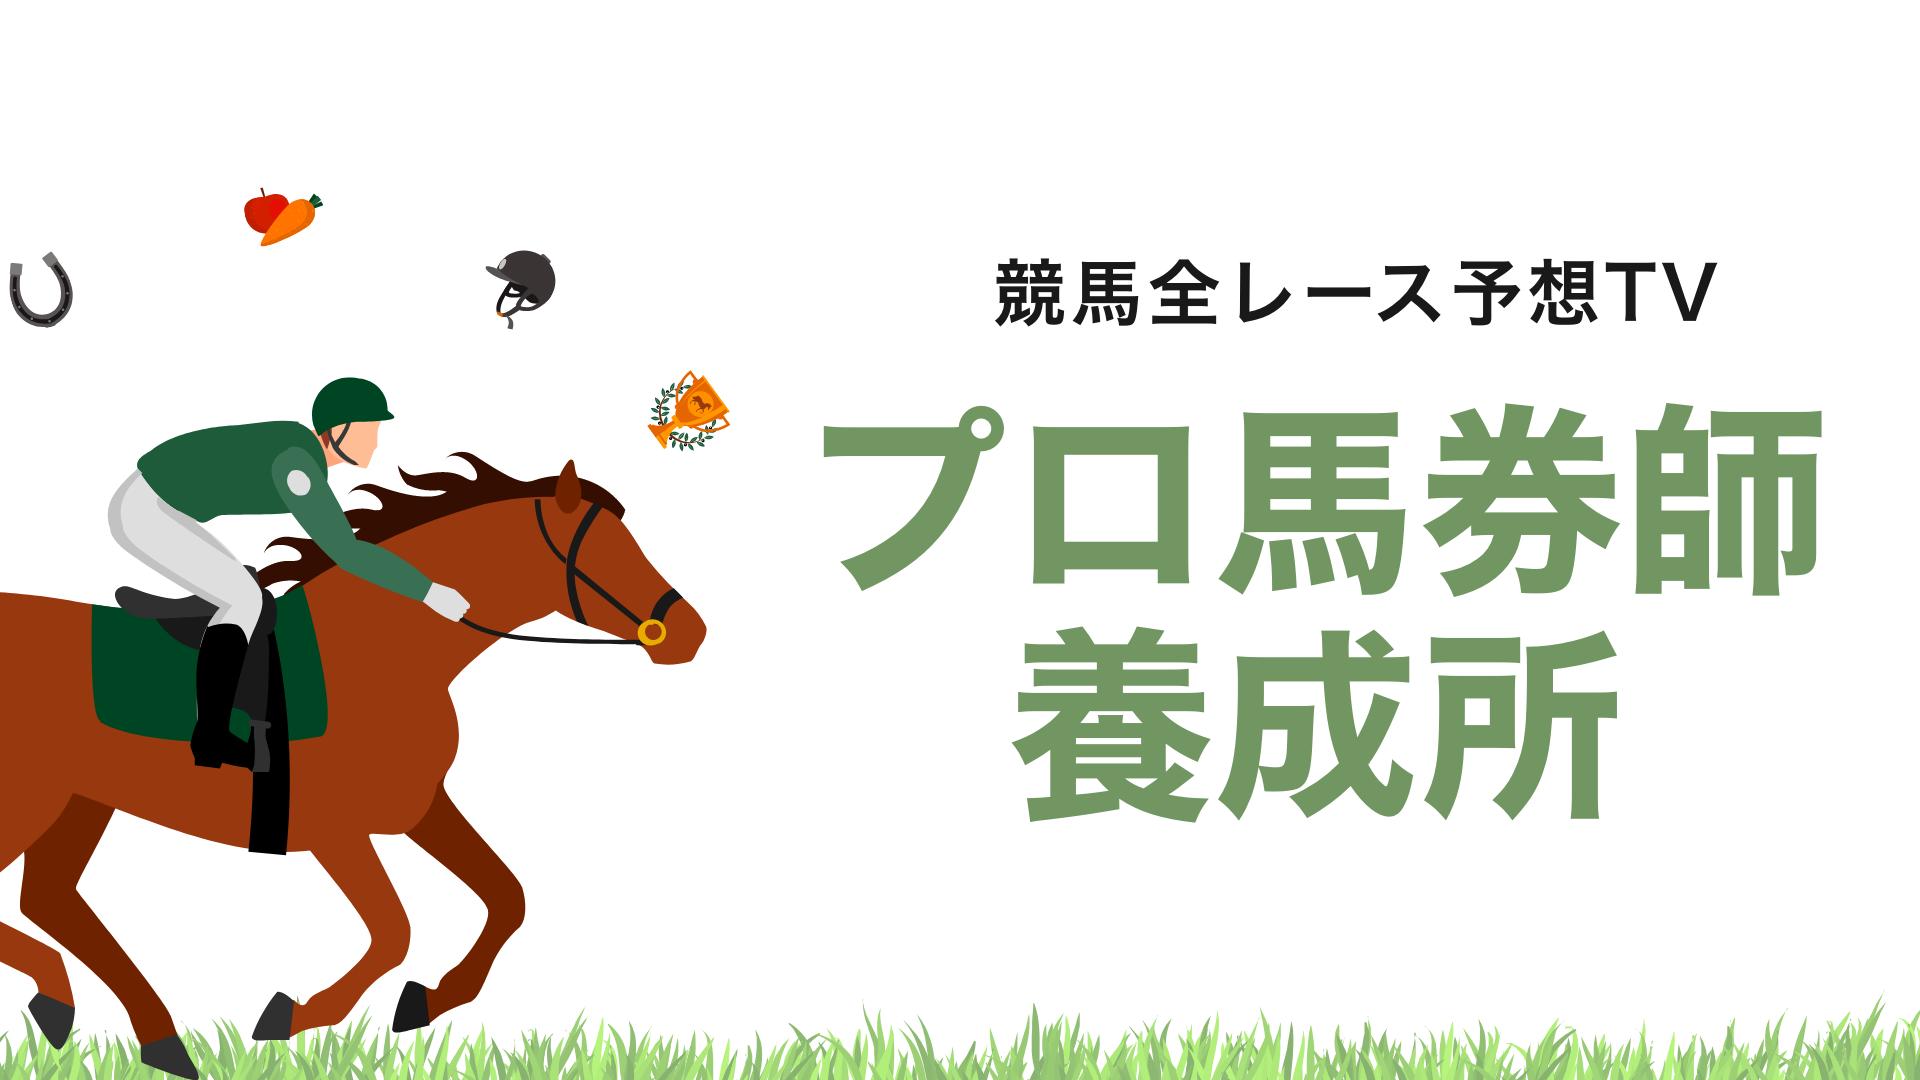 プロ馬券師養成所〜競馬全レース予想TV〜